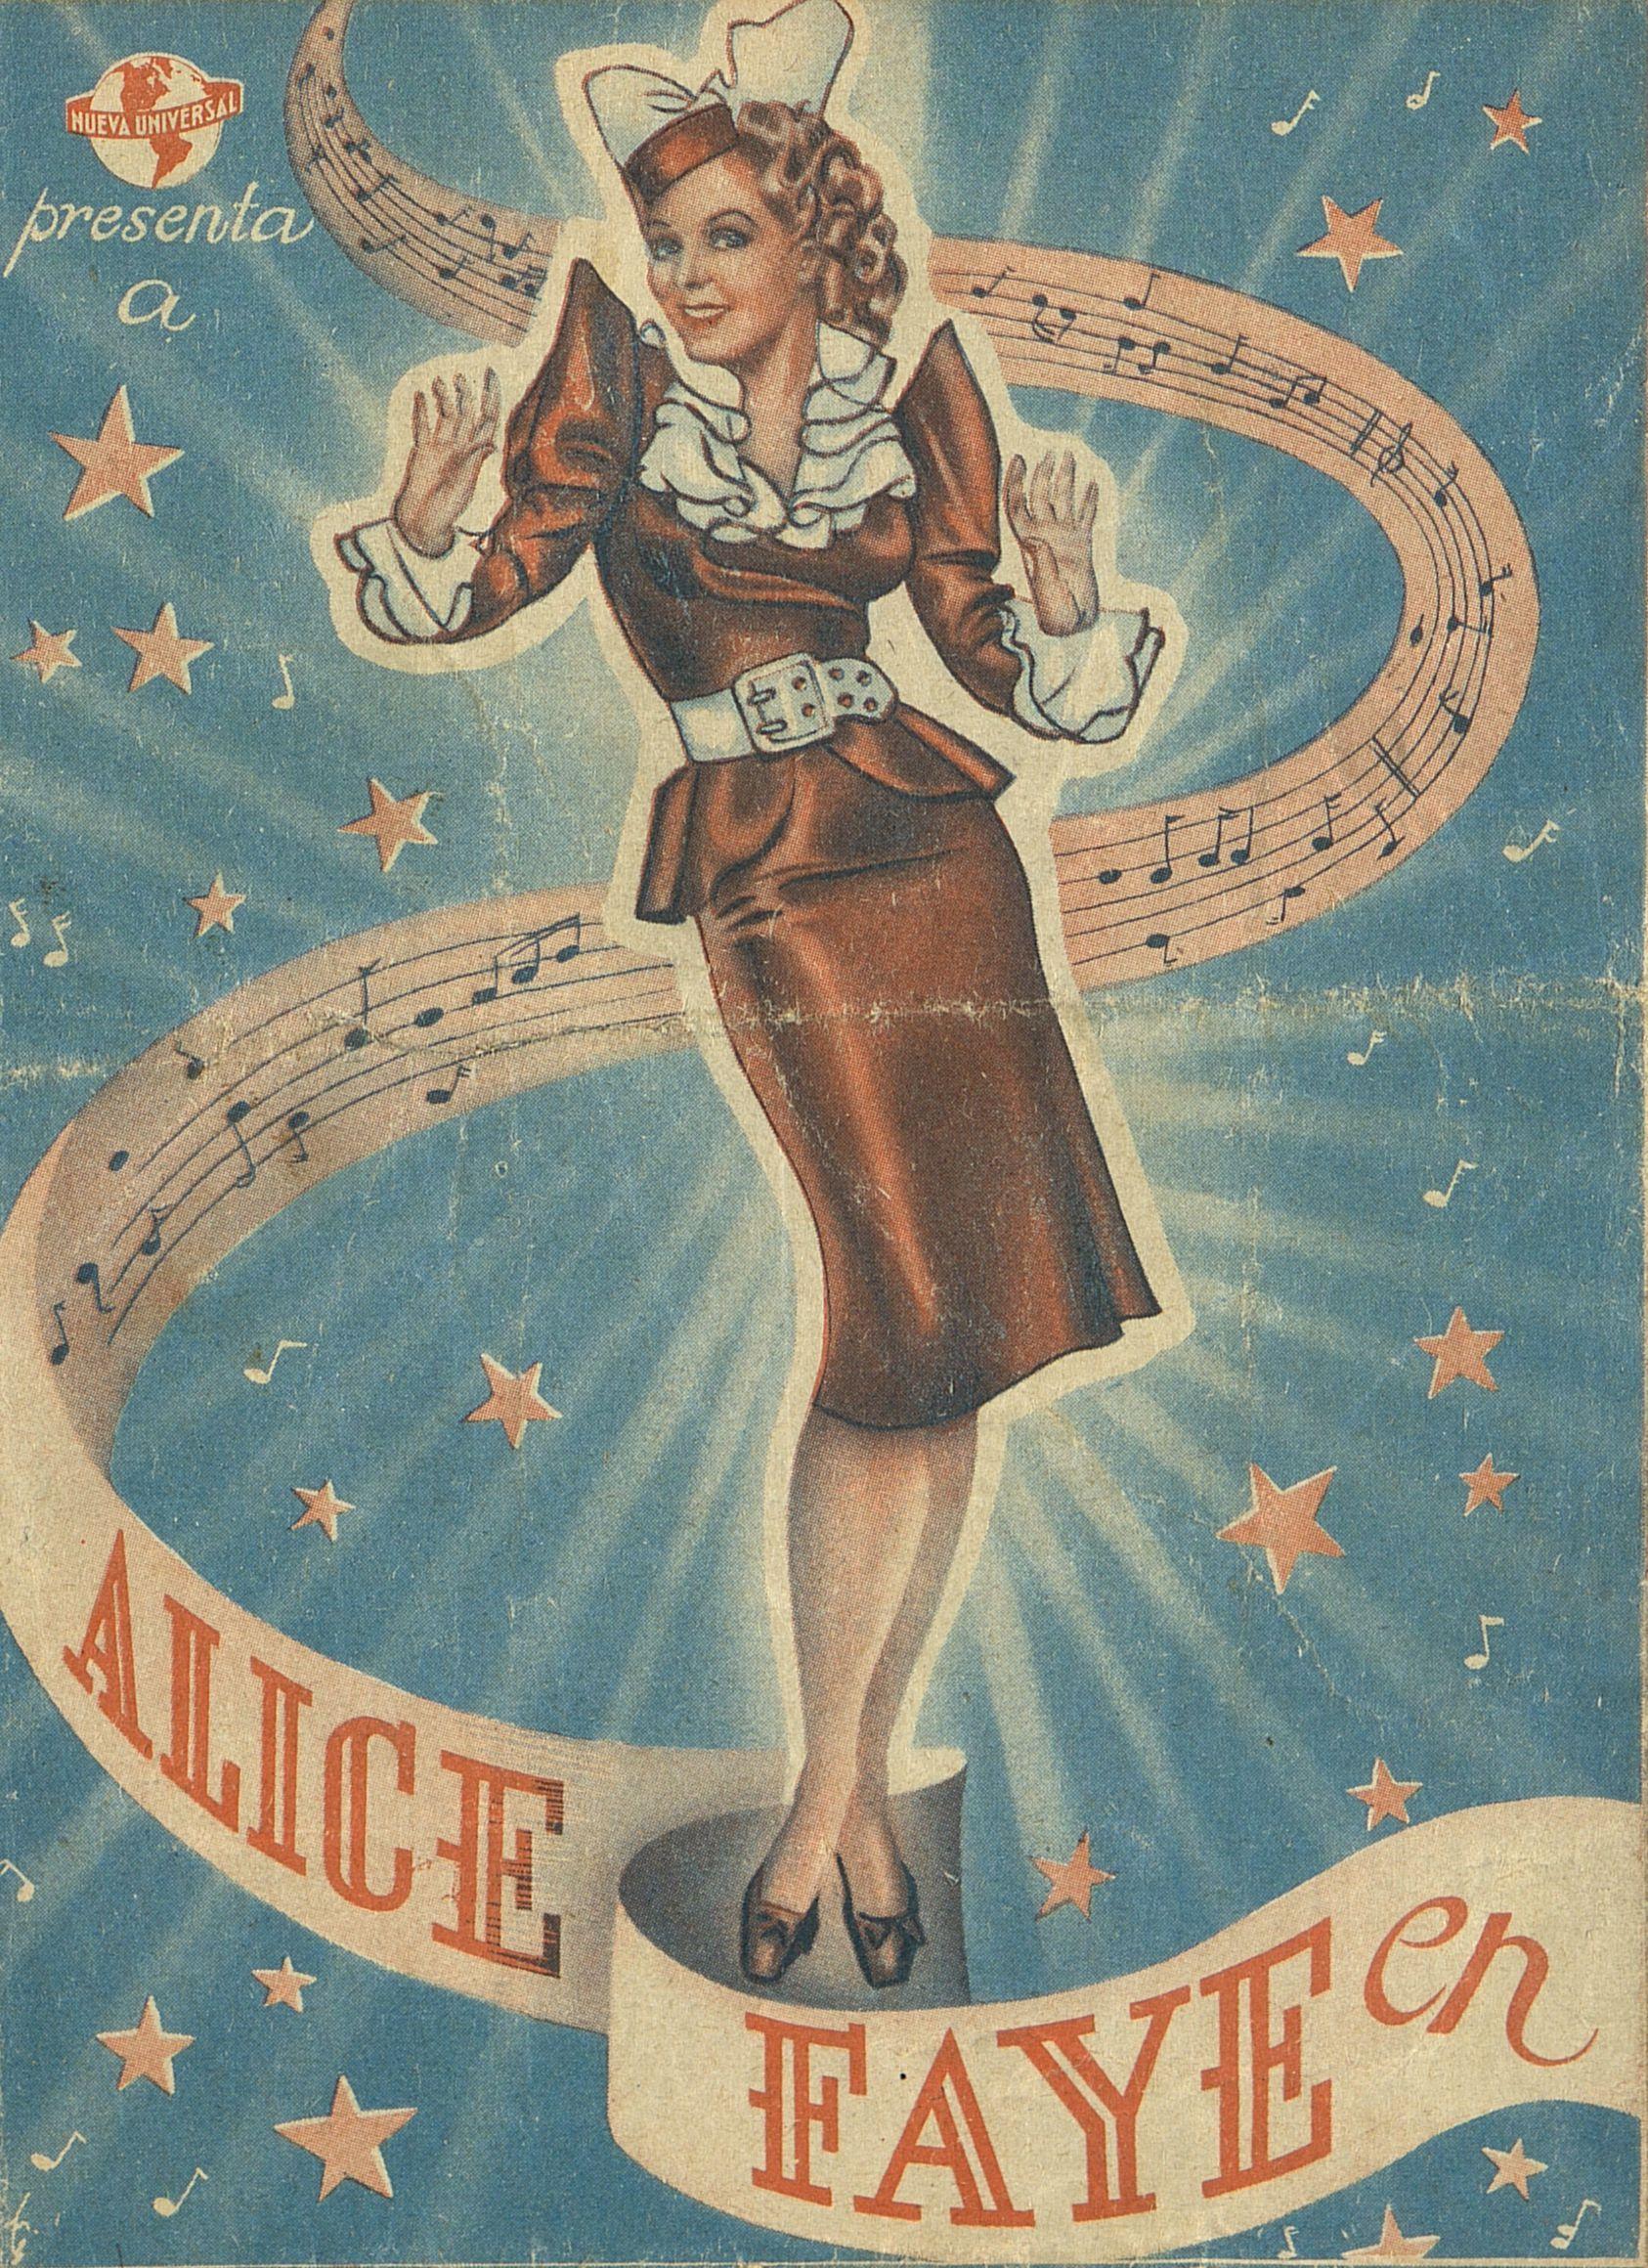 236.  Millonario a sueldo. Dirigida por David Butler. [1937].  #ProgramasdeMano #BbtkULL #Musicales #DiadelLibro2014